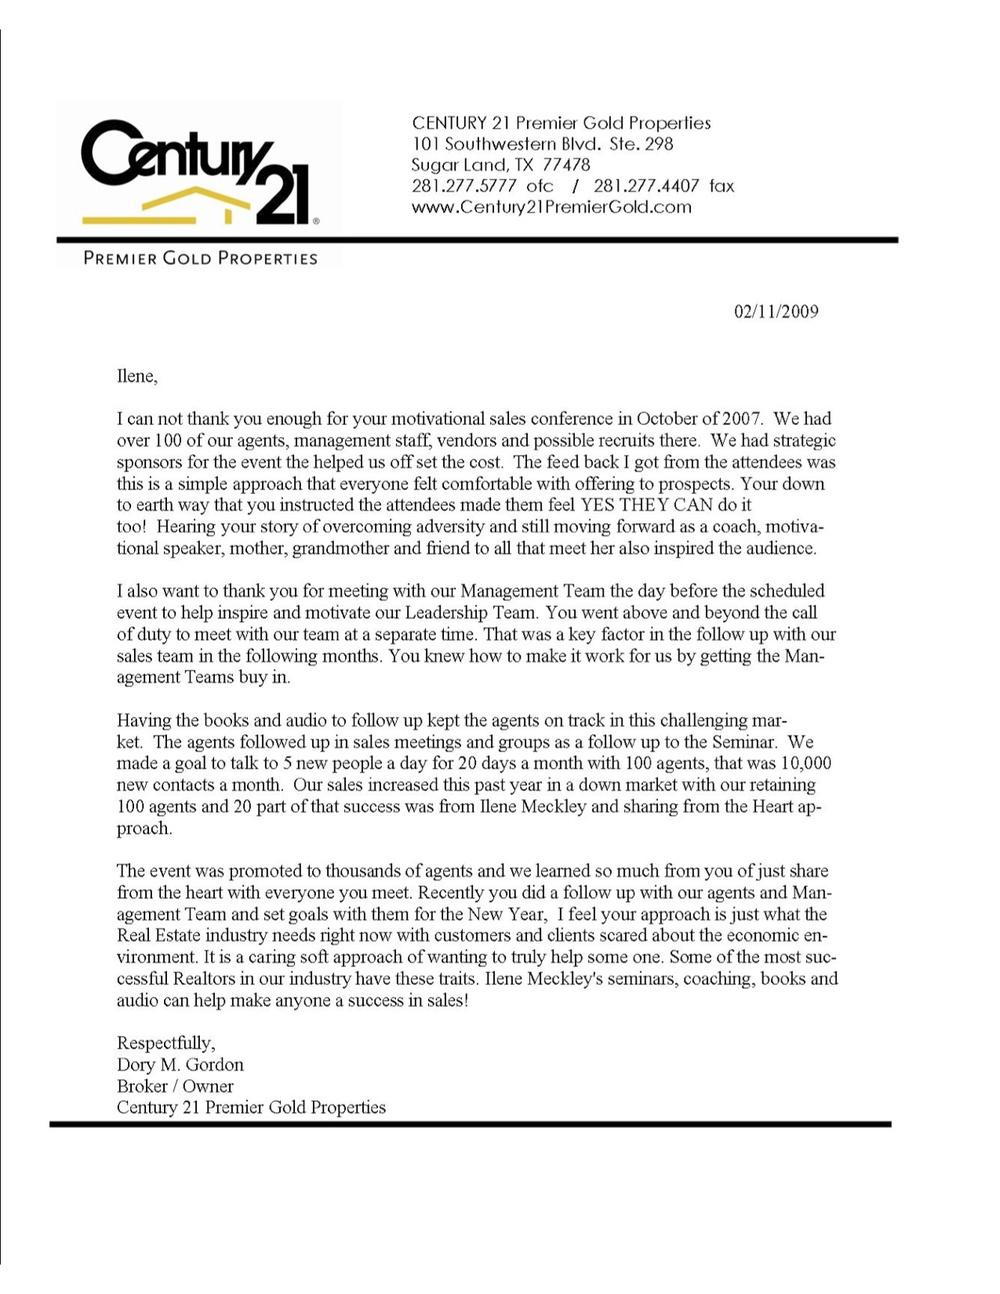 Dorys letter.jpg